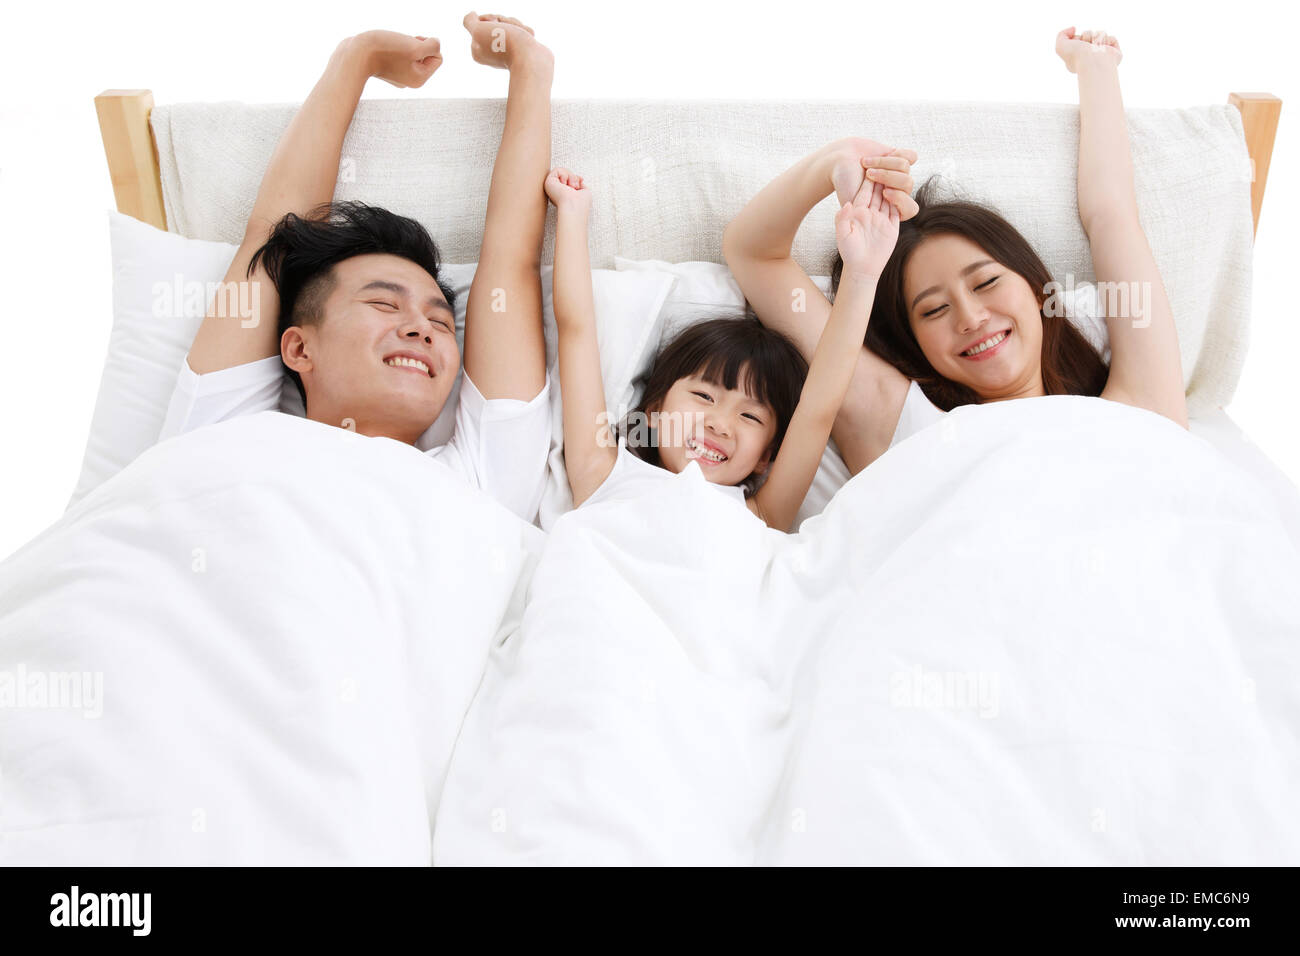 La felicidad de una familia de tres personas en la cama de la habitación me desperté Imagen De Stock